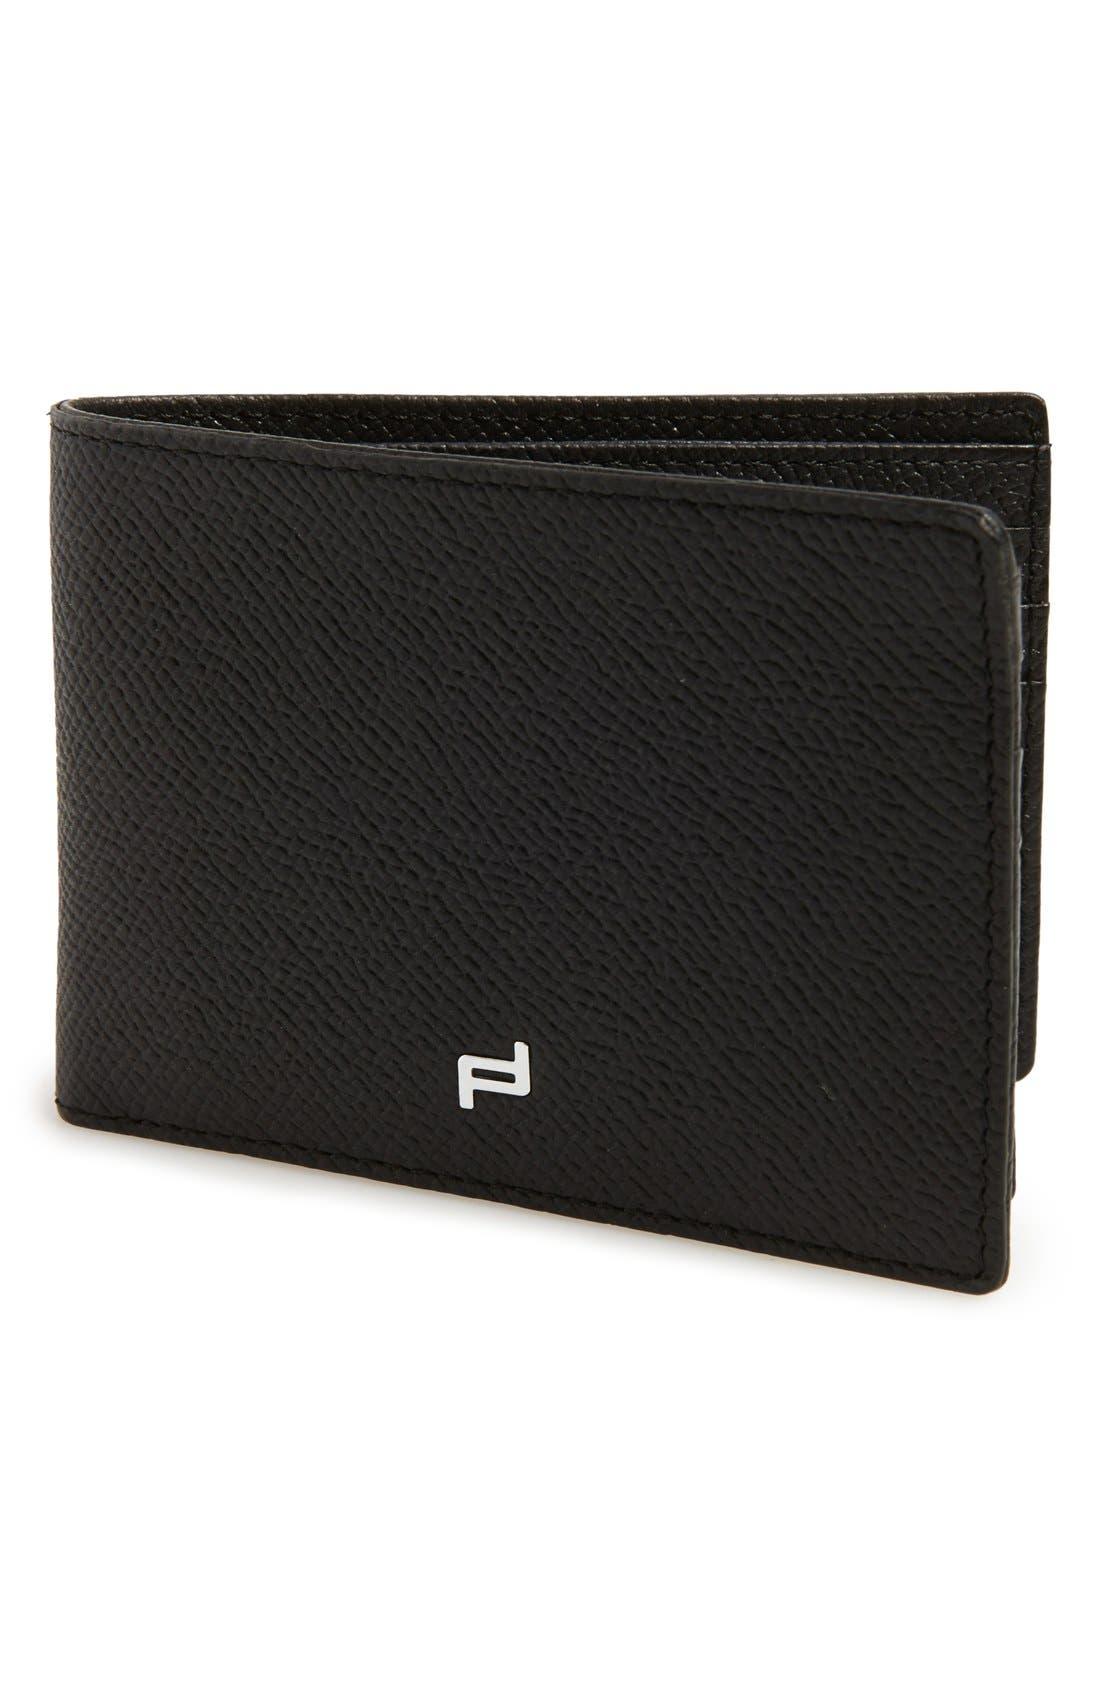 Porsche Design 'FC 3.0' Leather L-Fold Wallet